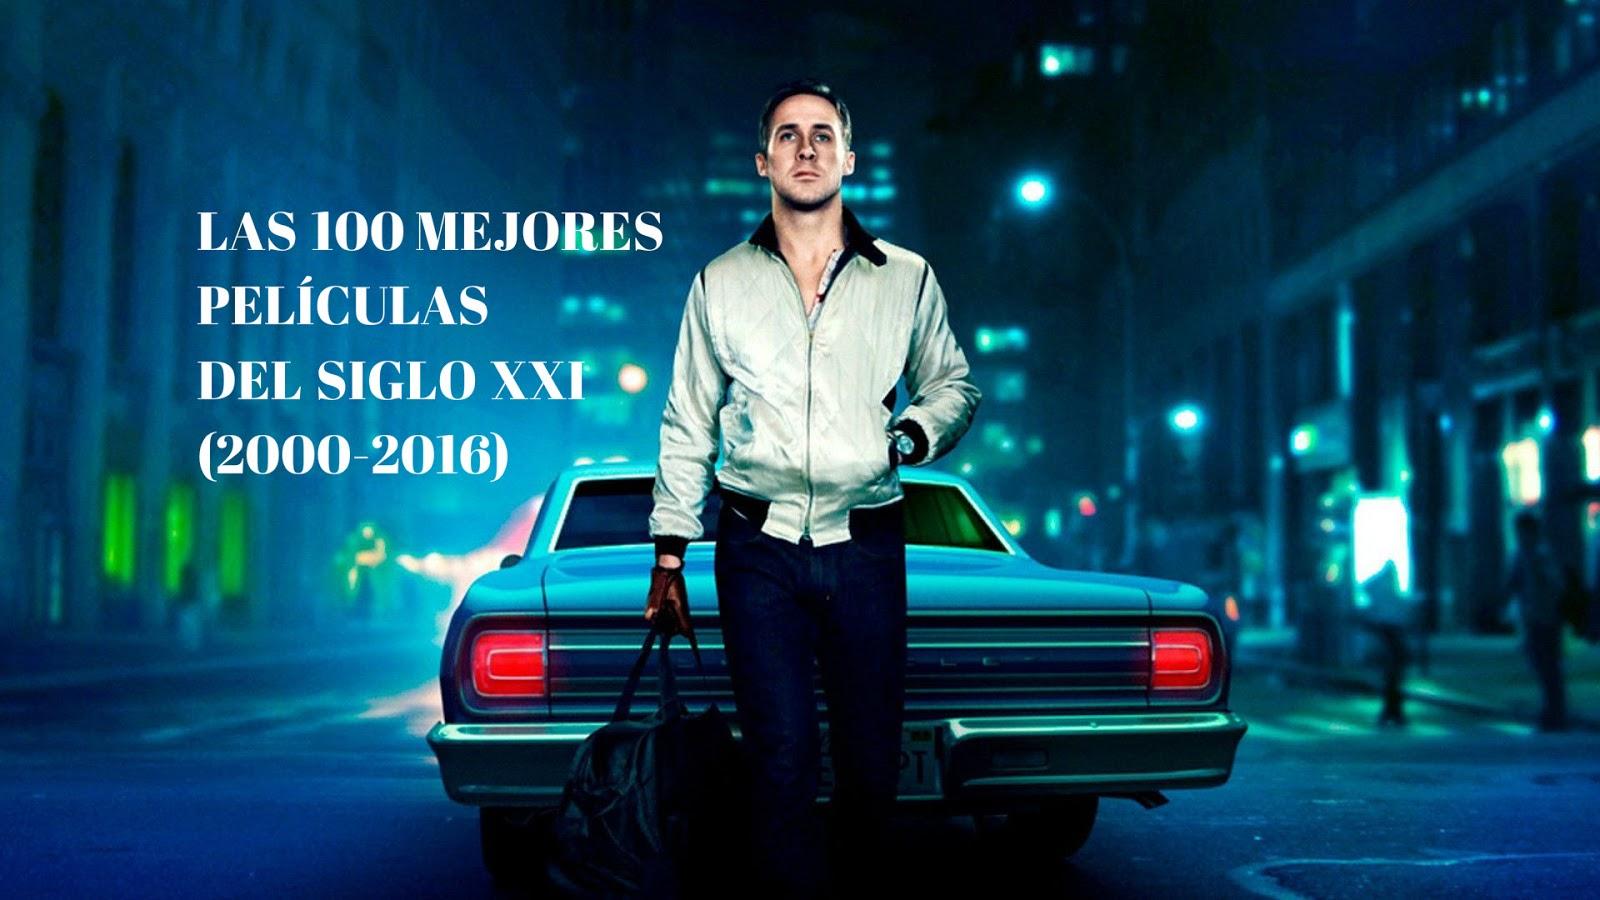 Las 100 mejores películas del siglo XXI (2000-2016)